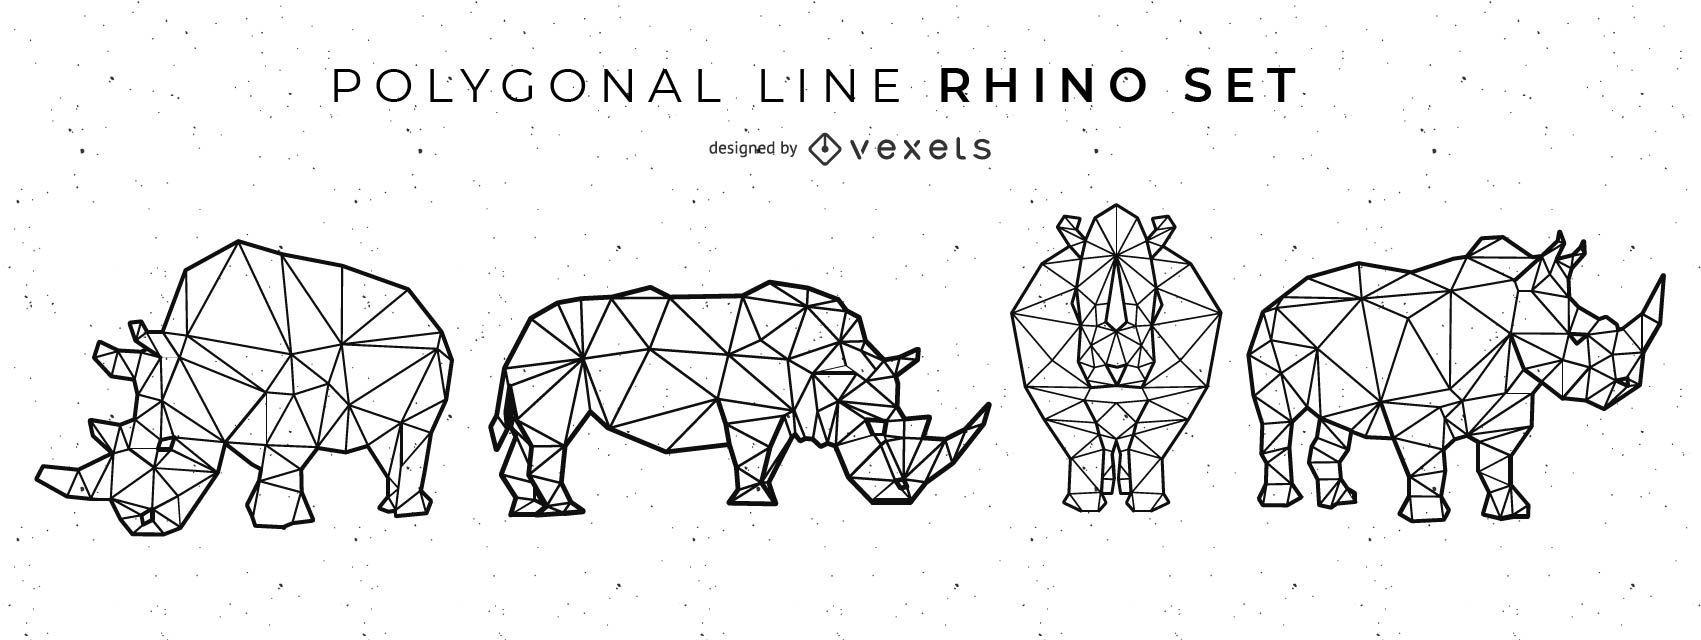 Polygonal Line Rhino Set